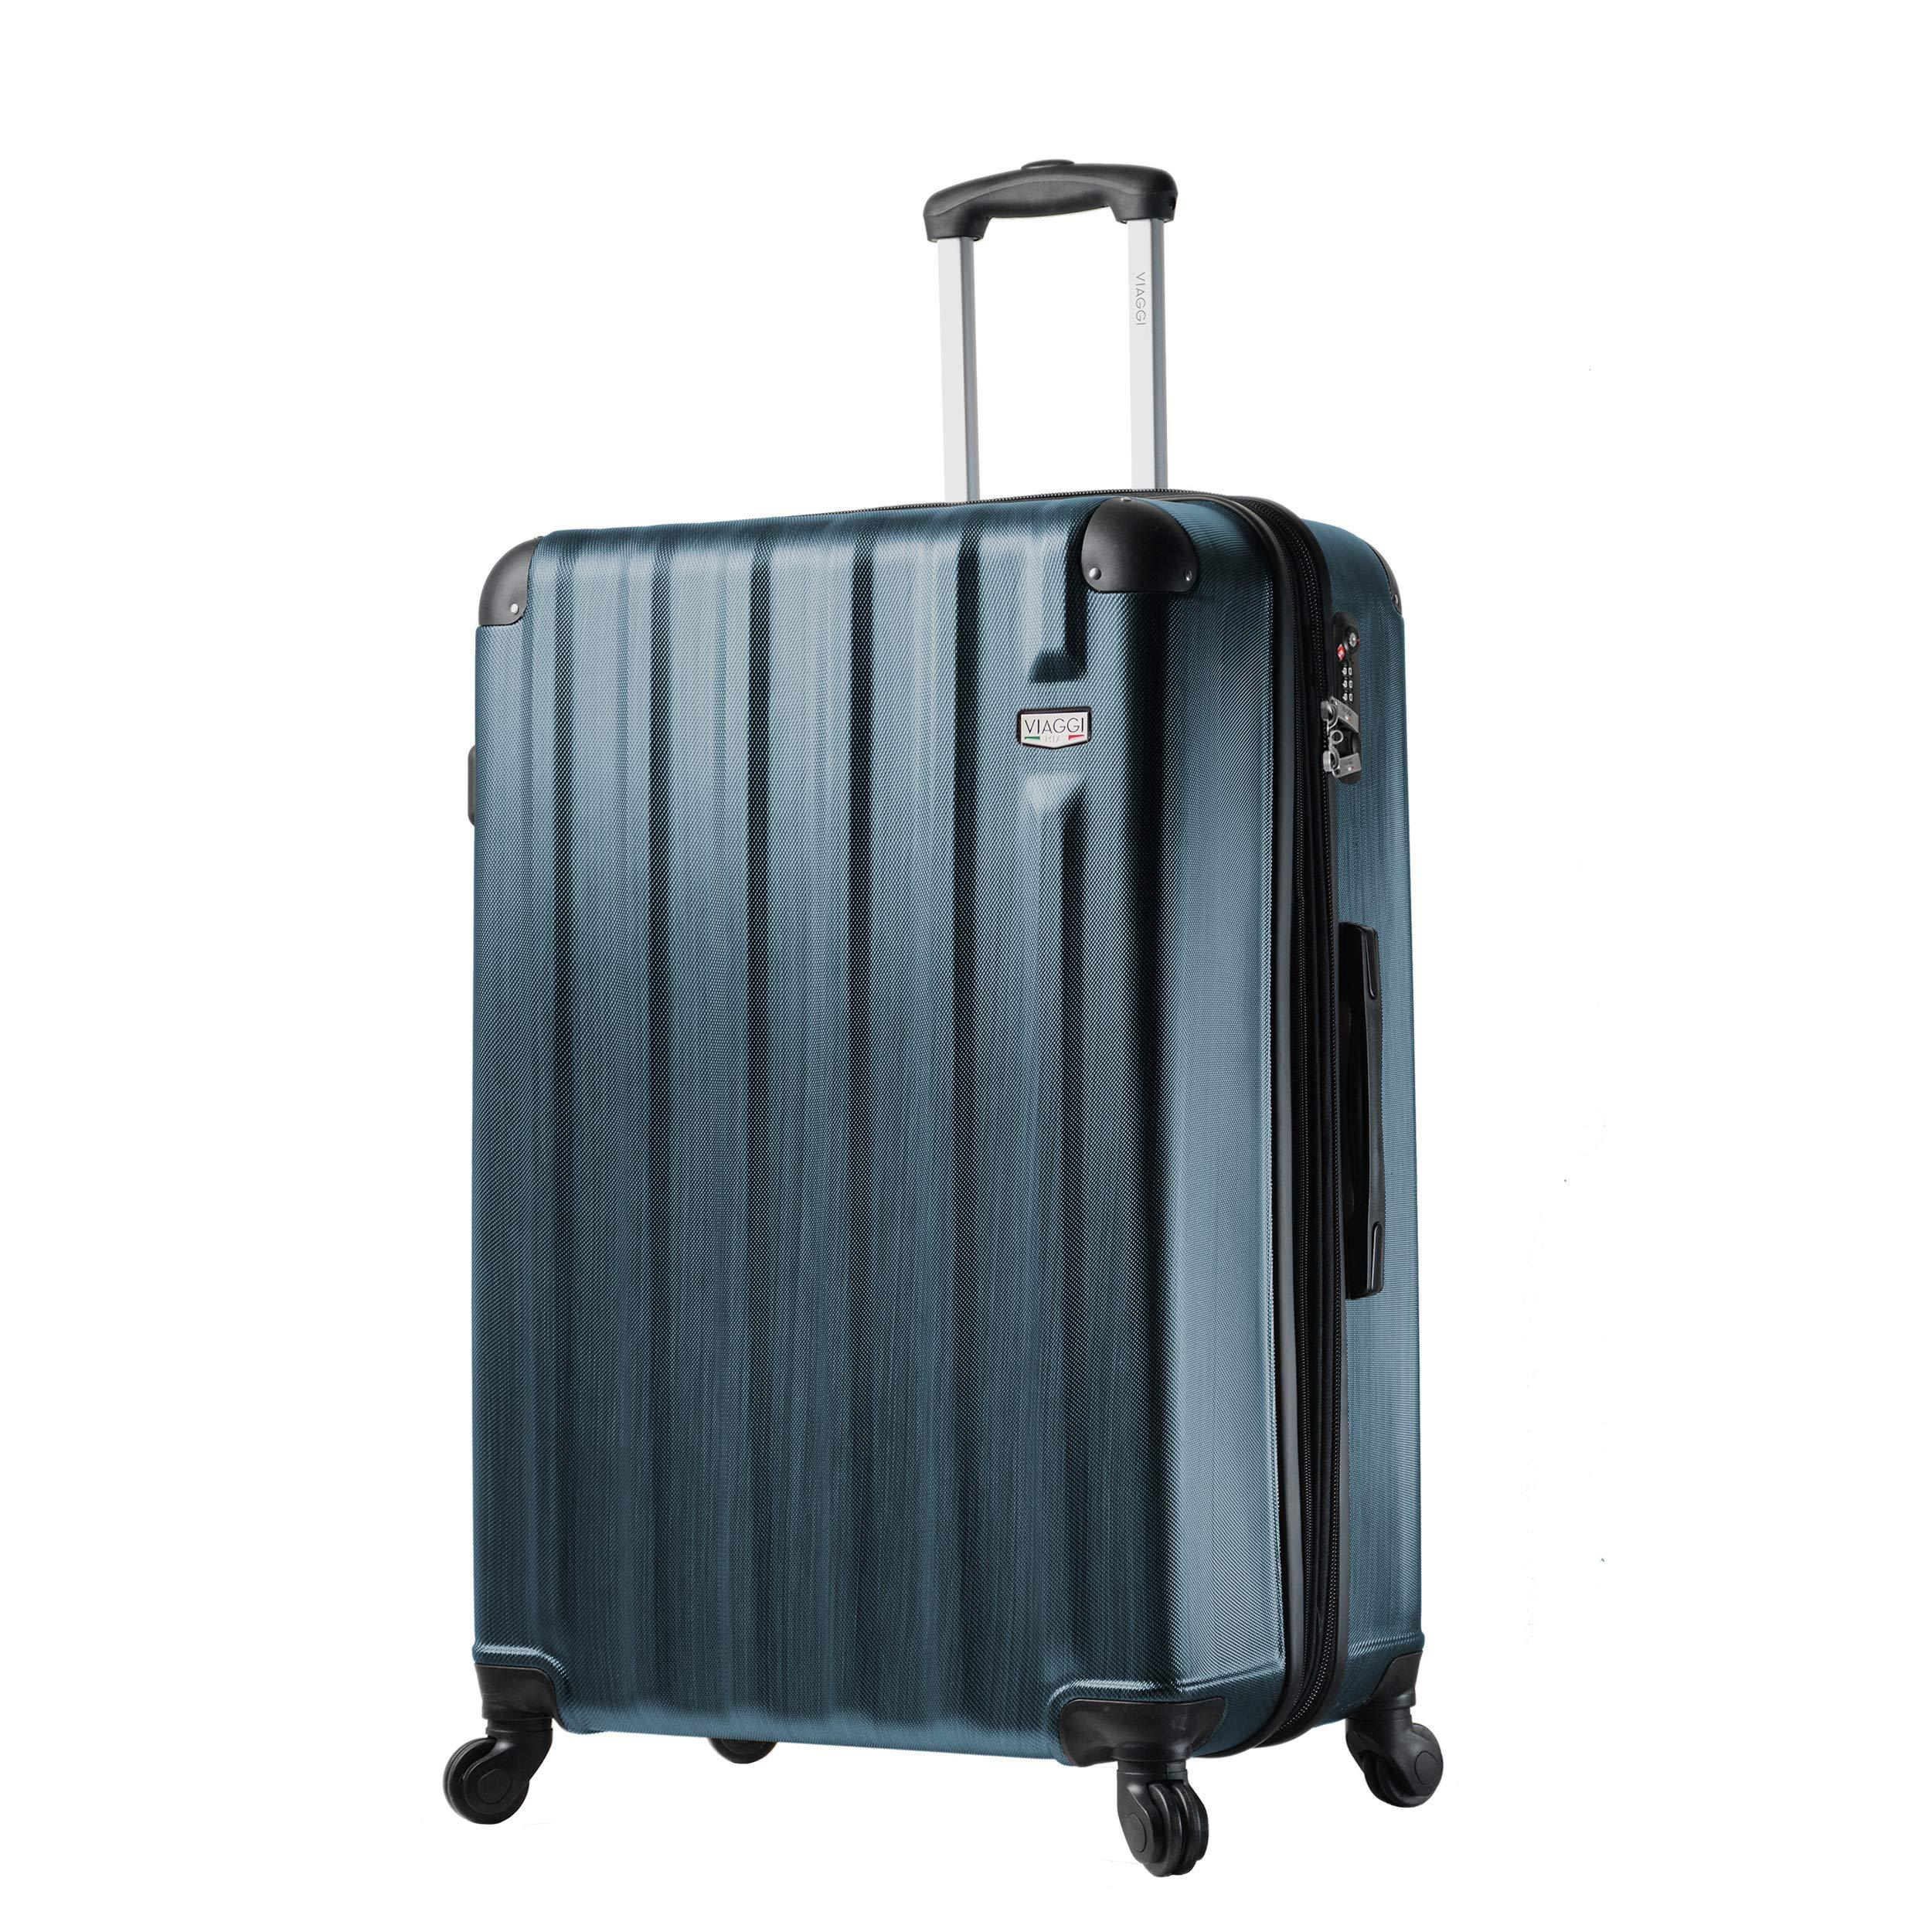 Viaggi Mia Italy Abruzzo Hardside 29 Inch Spinner, Blue